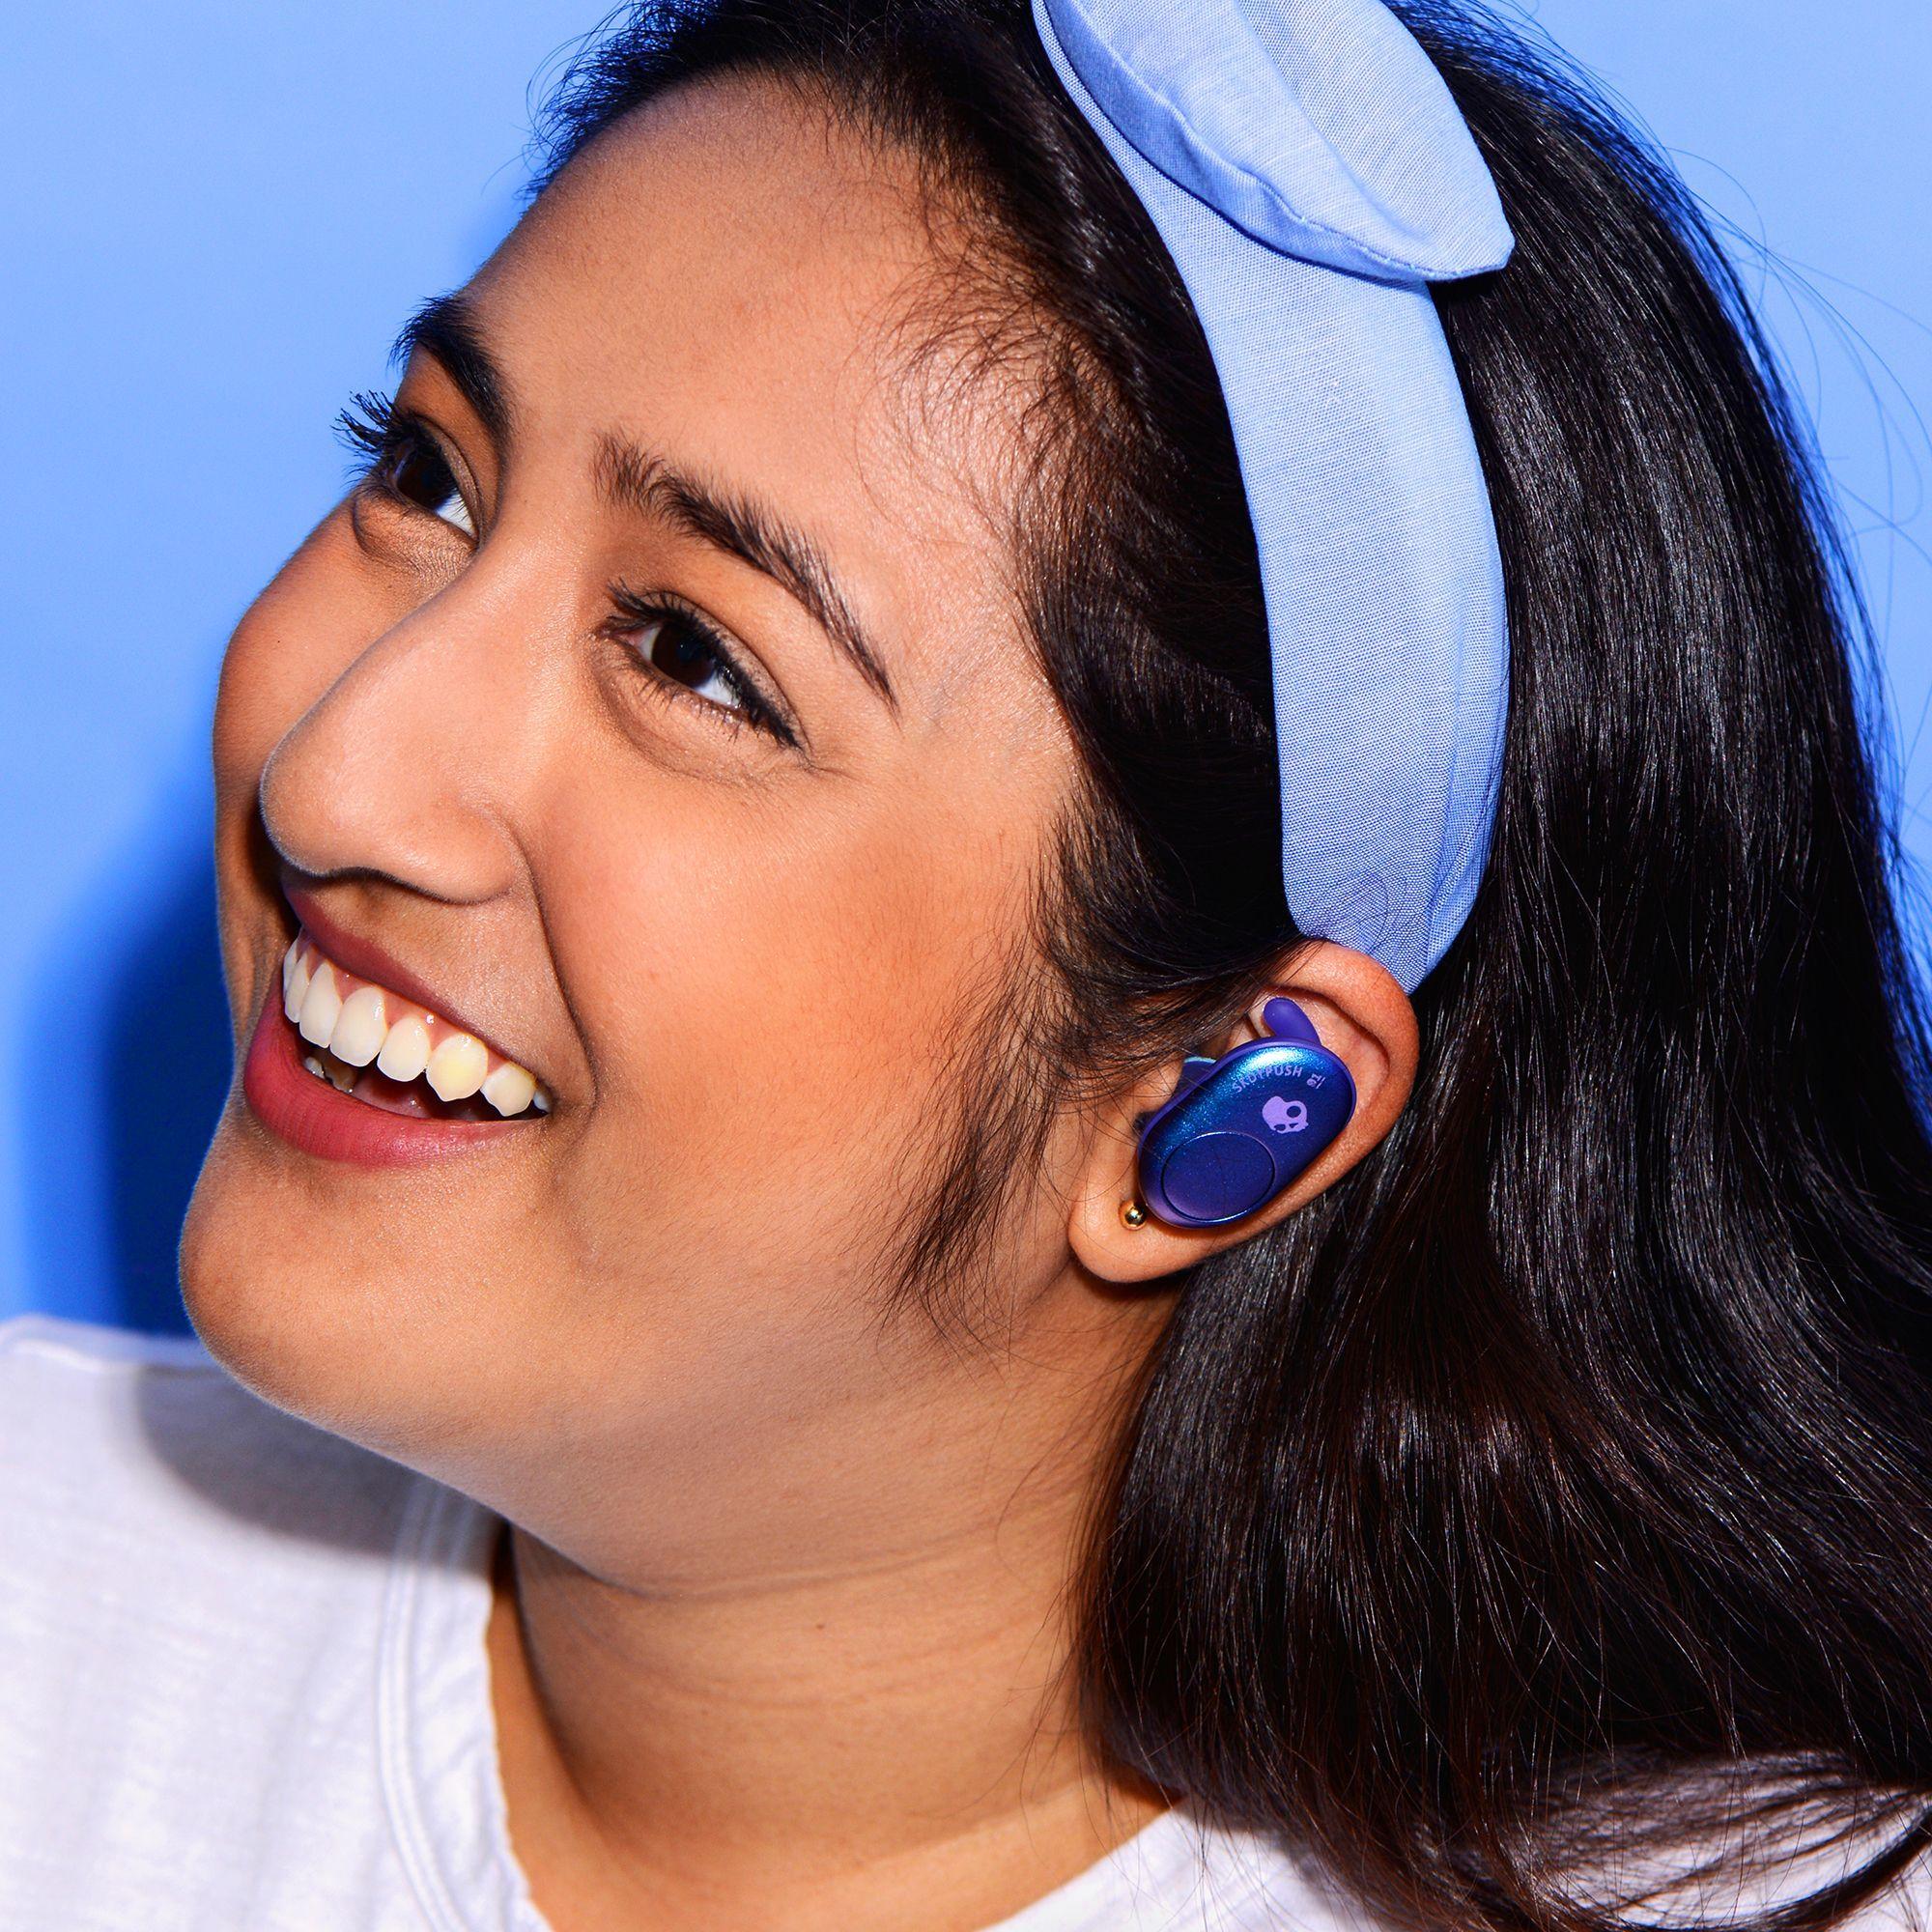 meilleur écouteur sans fil pas cher-ecouteur sans fil comparatif-meilleurs ecouteurs sans fils sport-meilleur écouteur sans fil 2019-meilleur écouteur bluetooth 2020-meilleur ecouteur sans fil moins de 100 euros-ecouteur sans fil android-meilleur écouteur bluetooth 2020